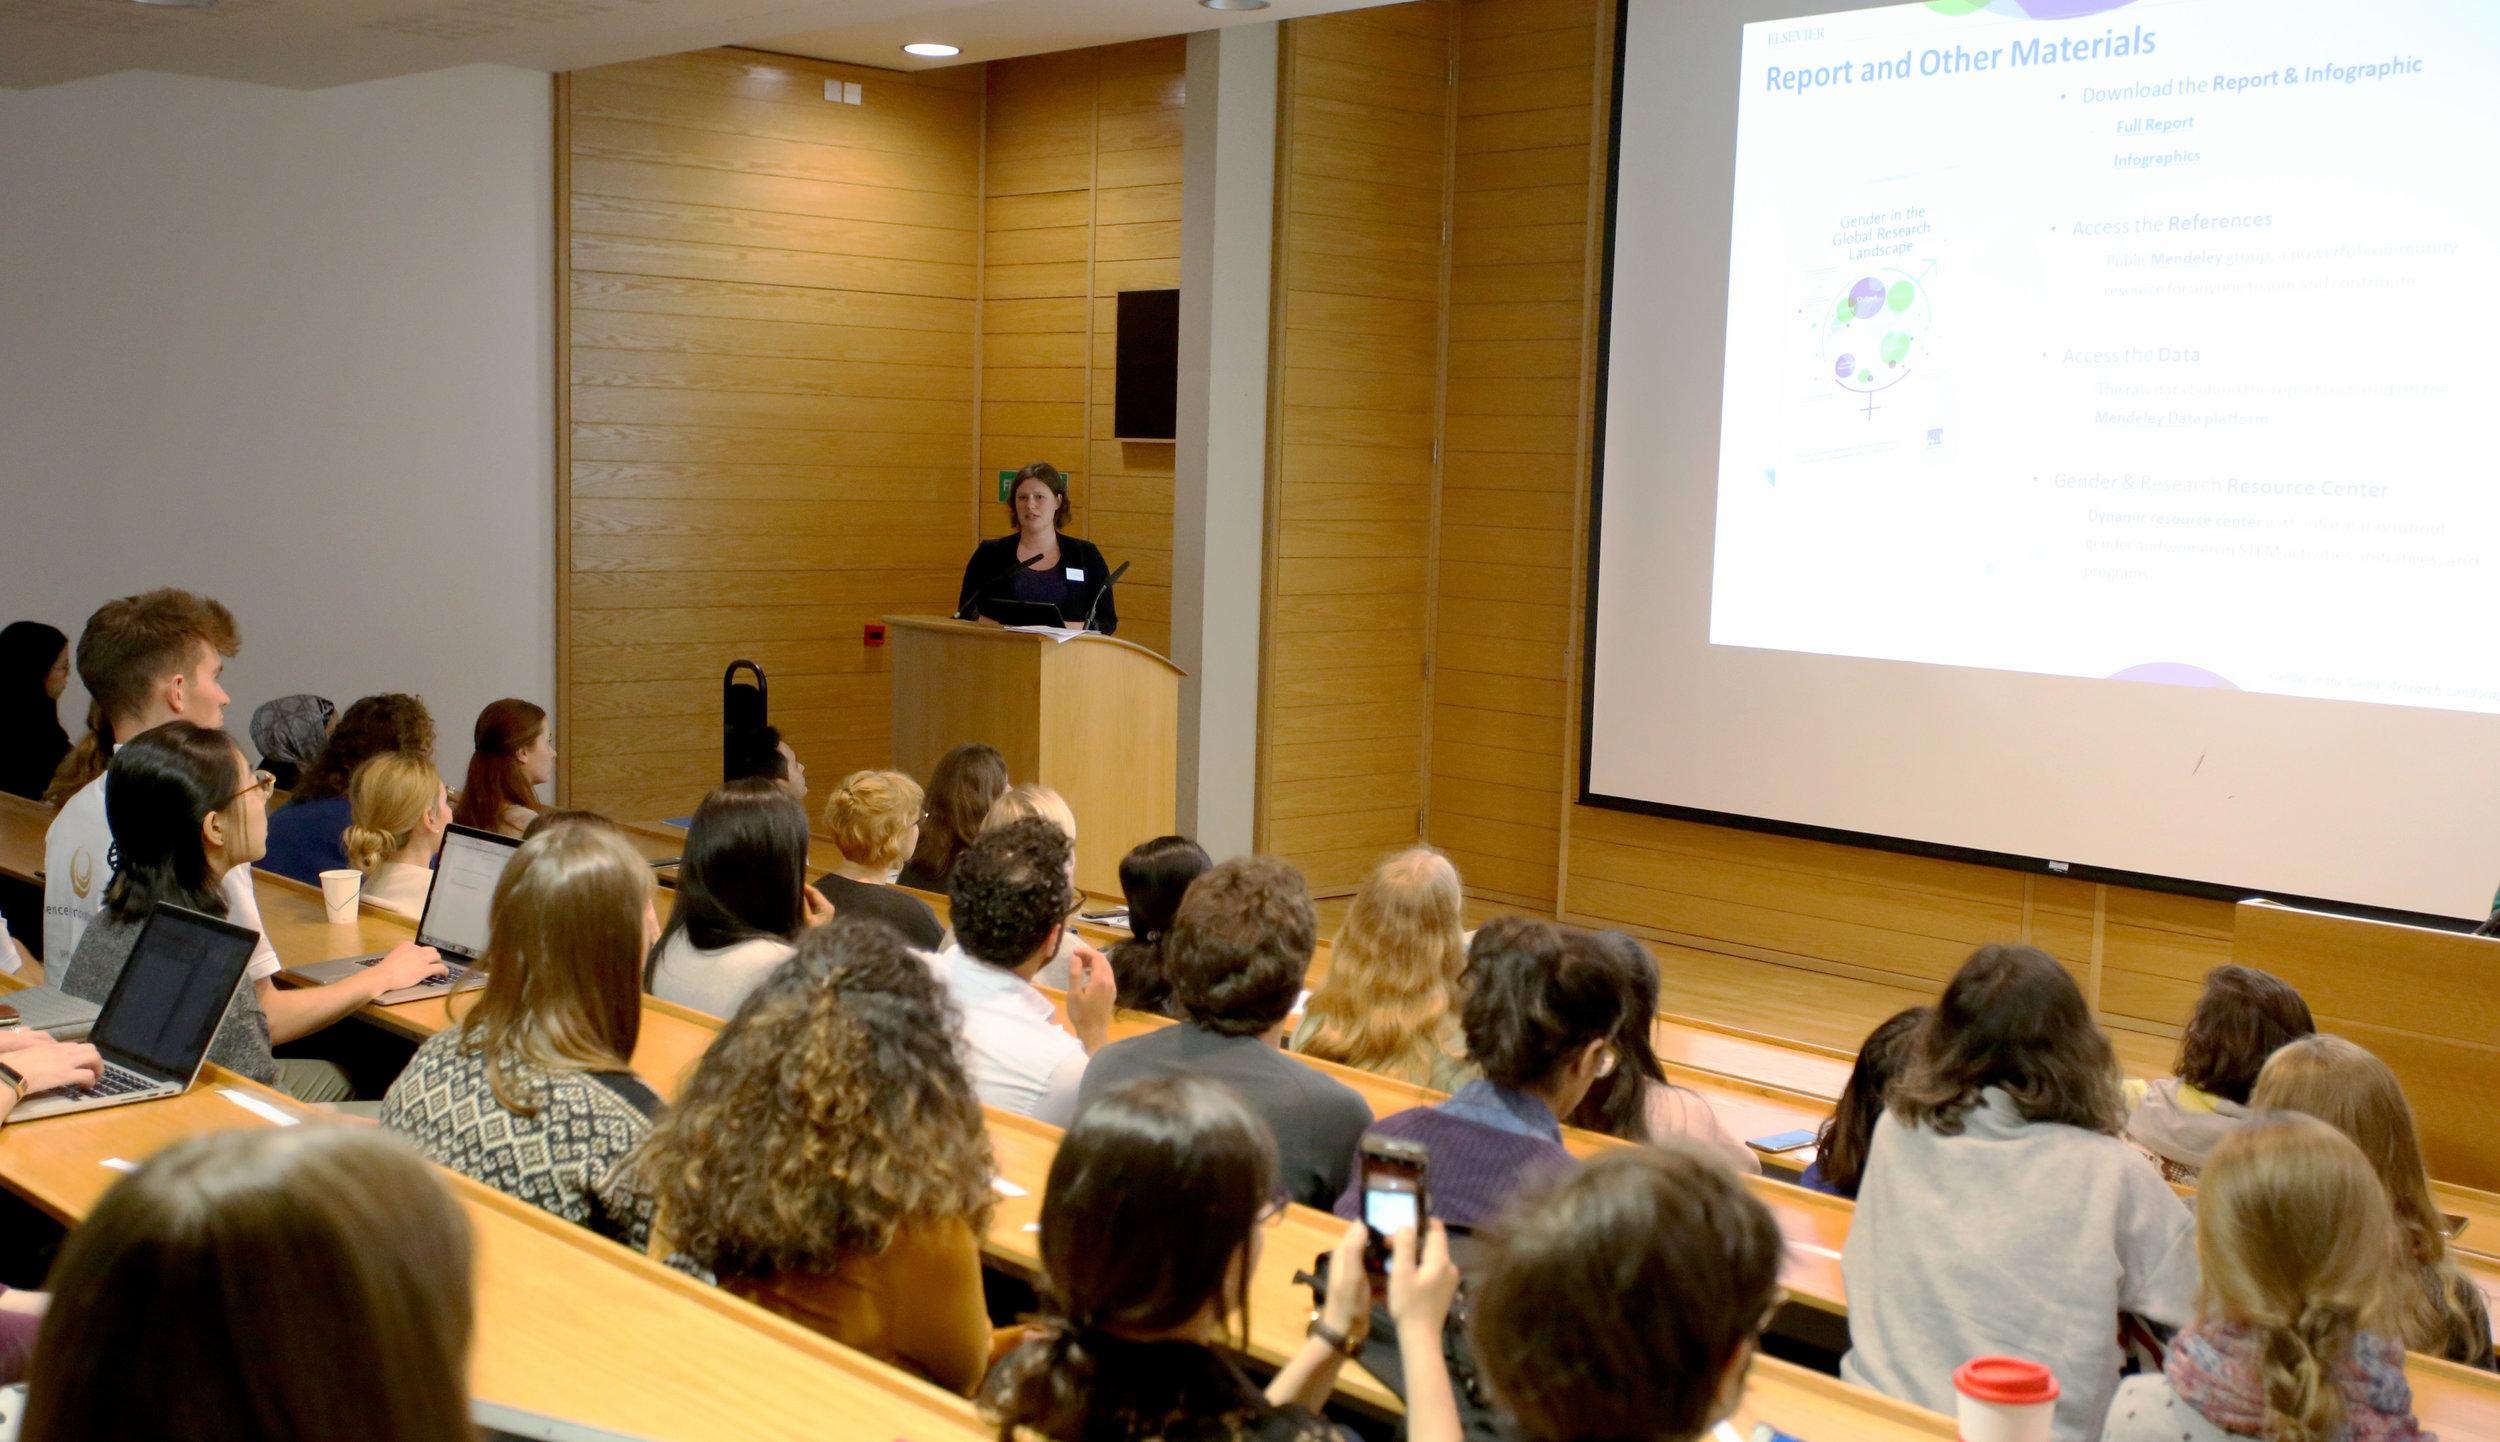 Dr Kate Hibbert